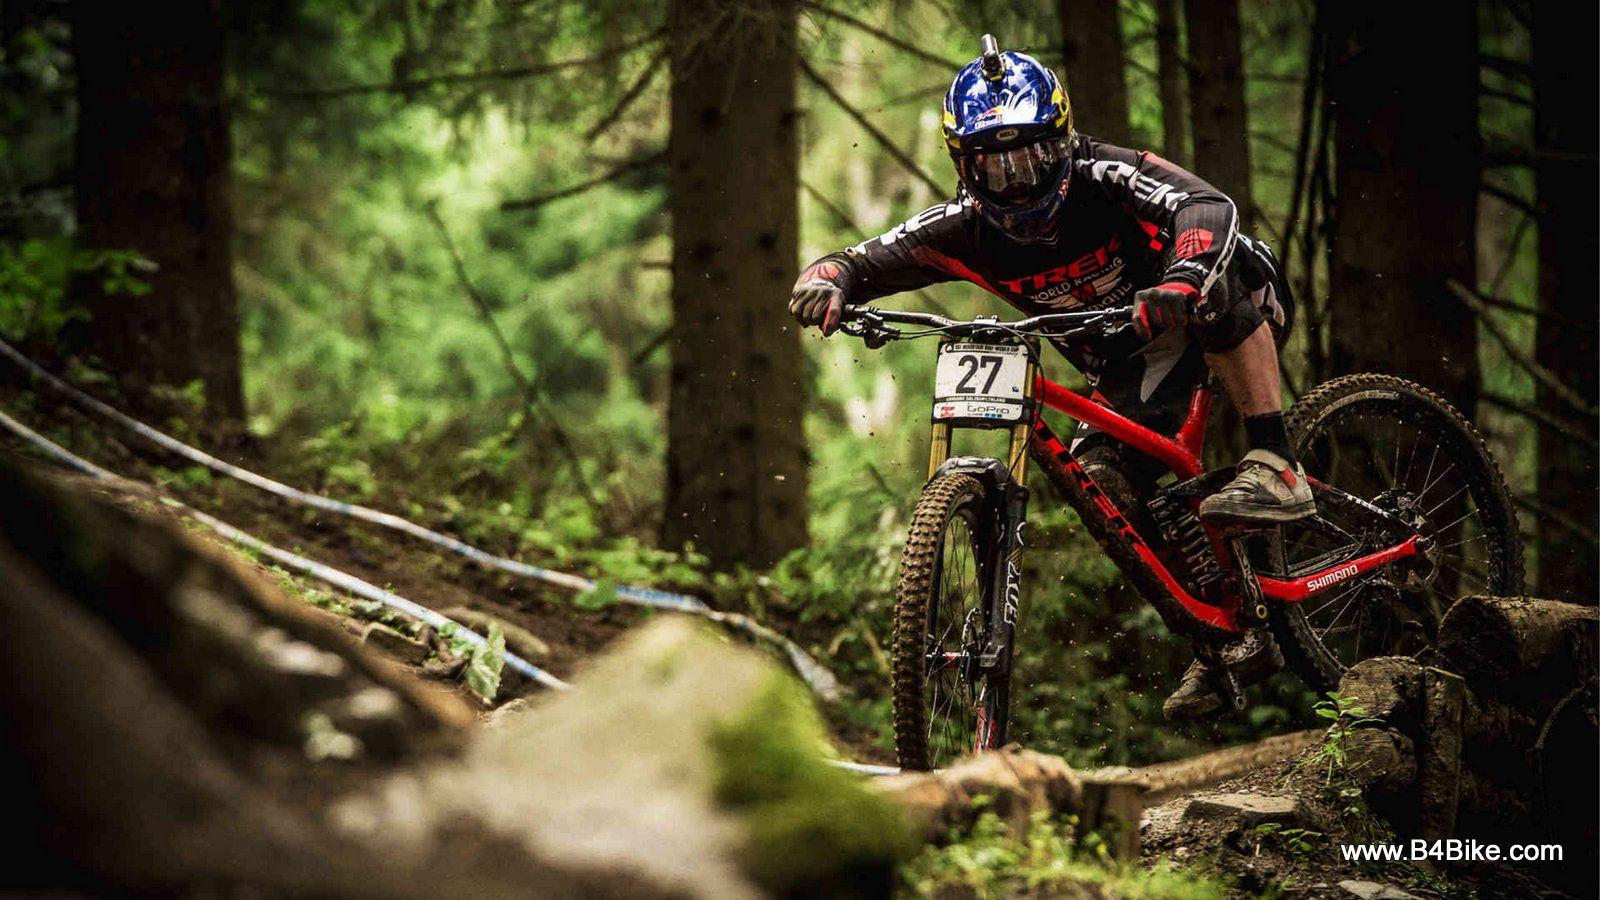 Bicycle Trekking With Images Downhill Mountain Biking Trek